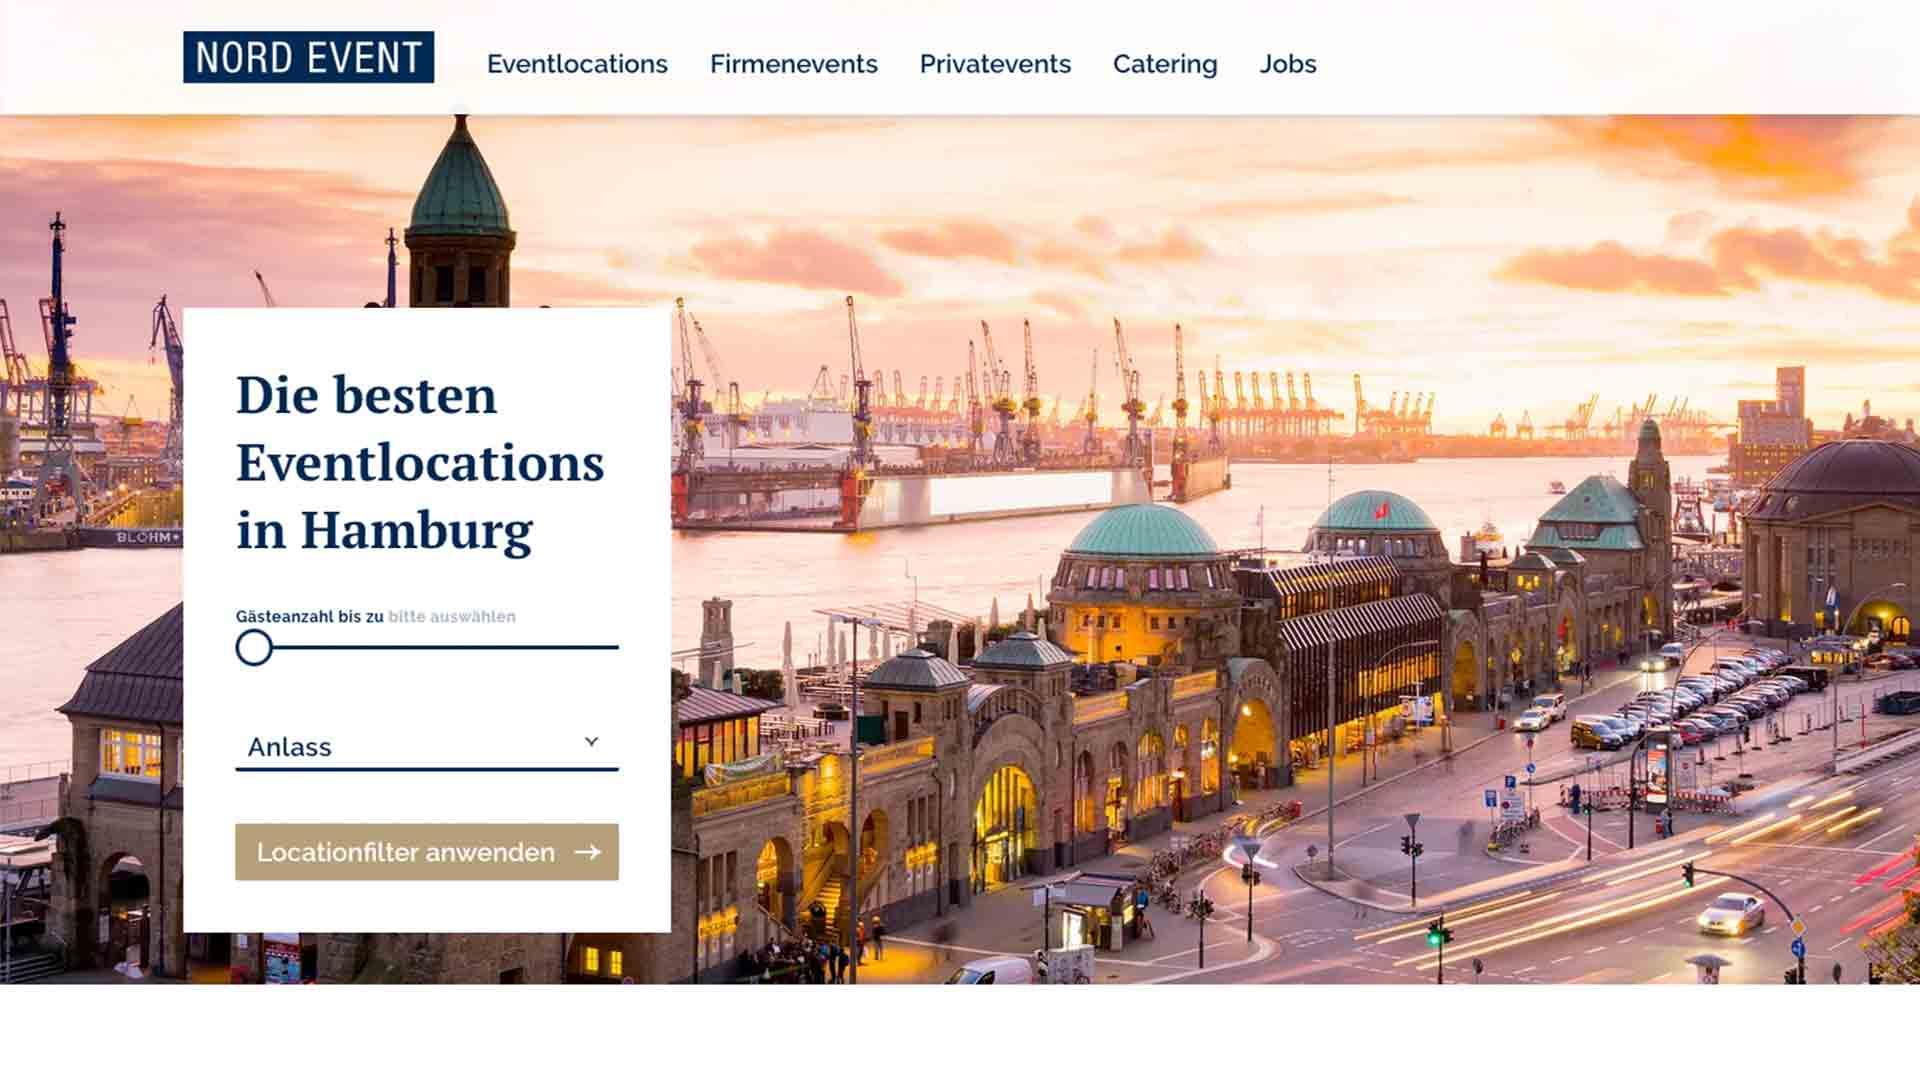 Nord Event Hamburg Cliente Referencia codafish